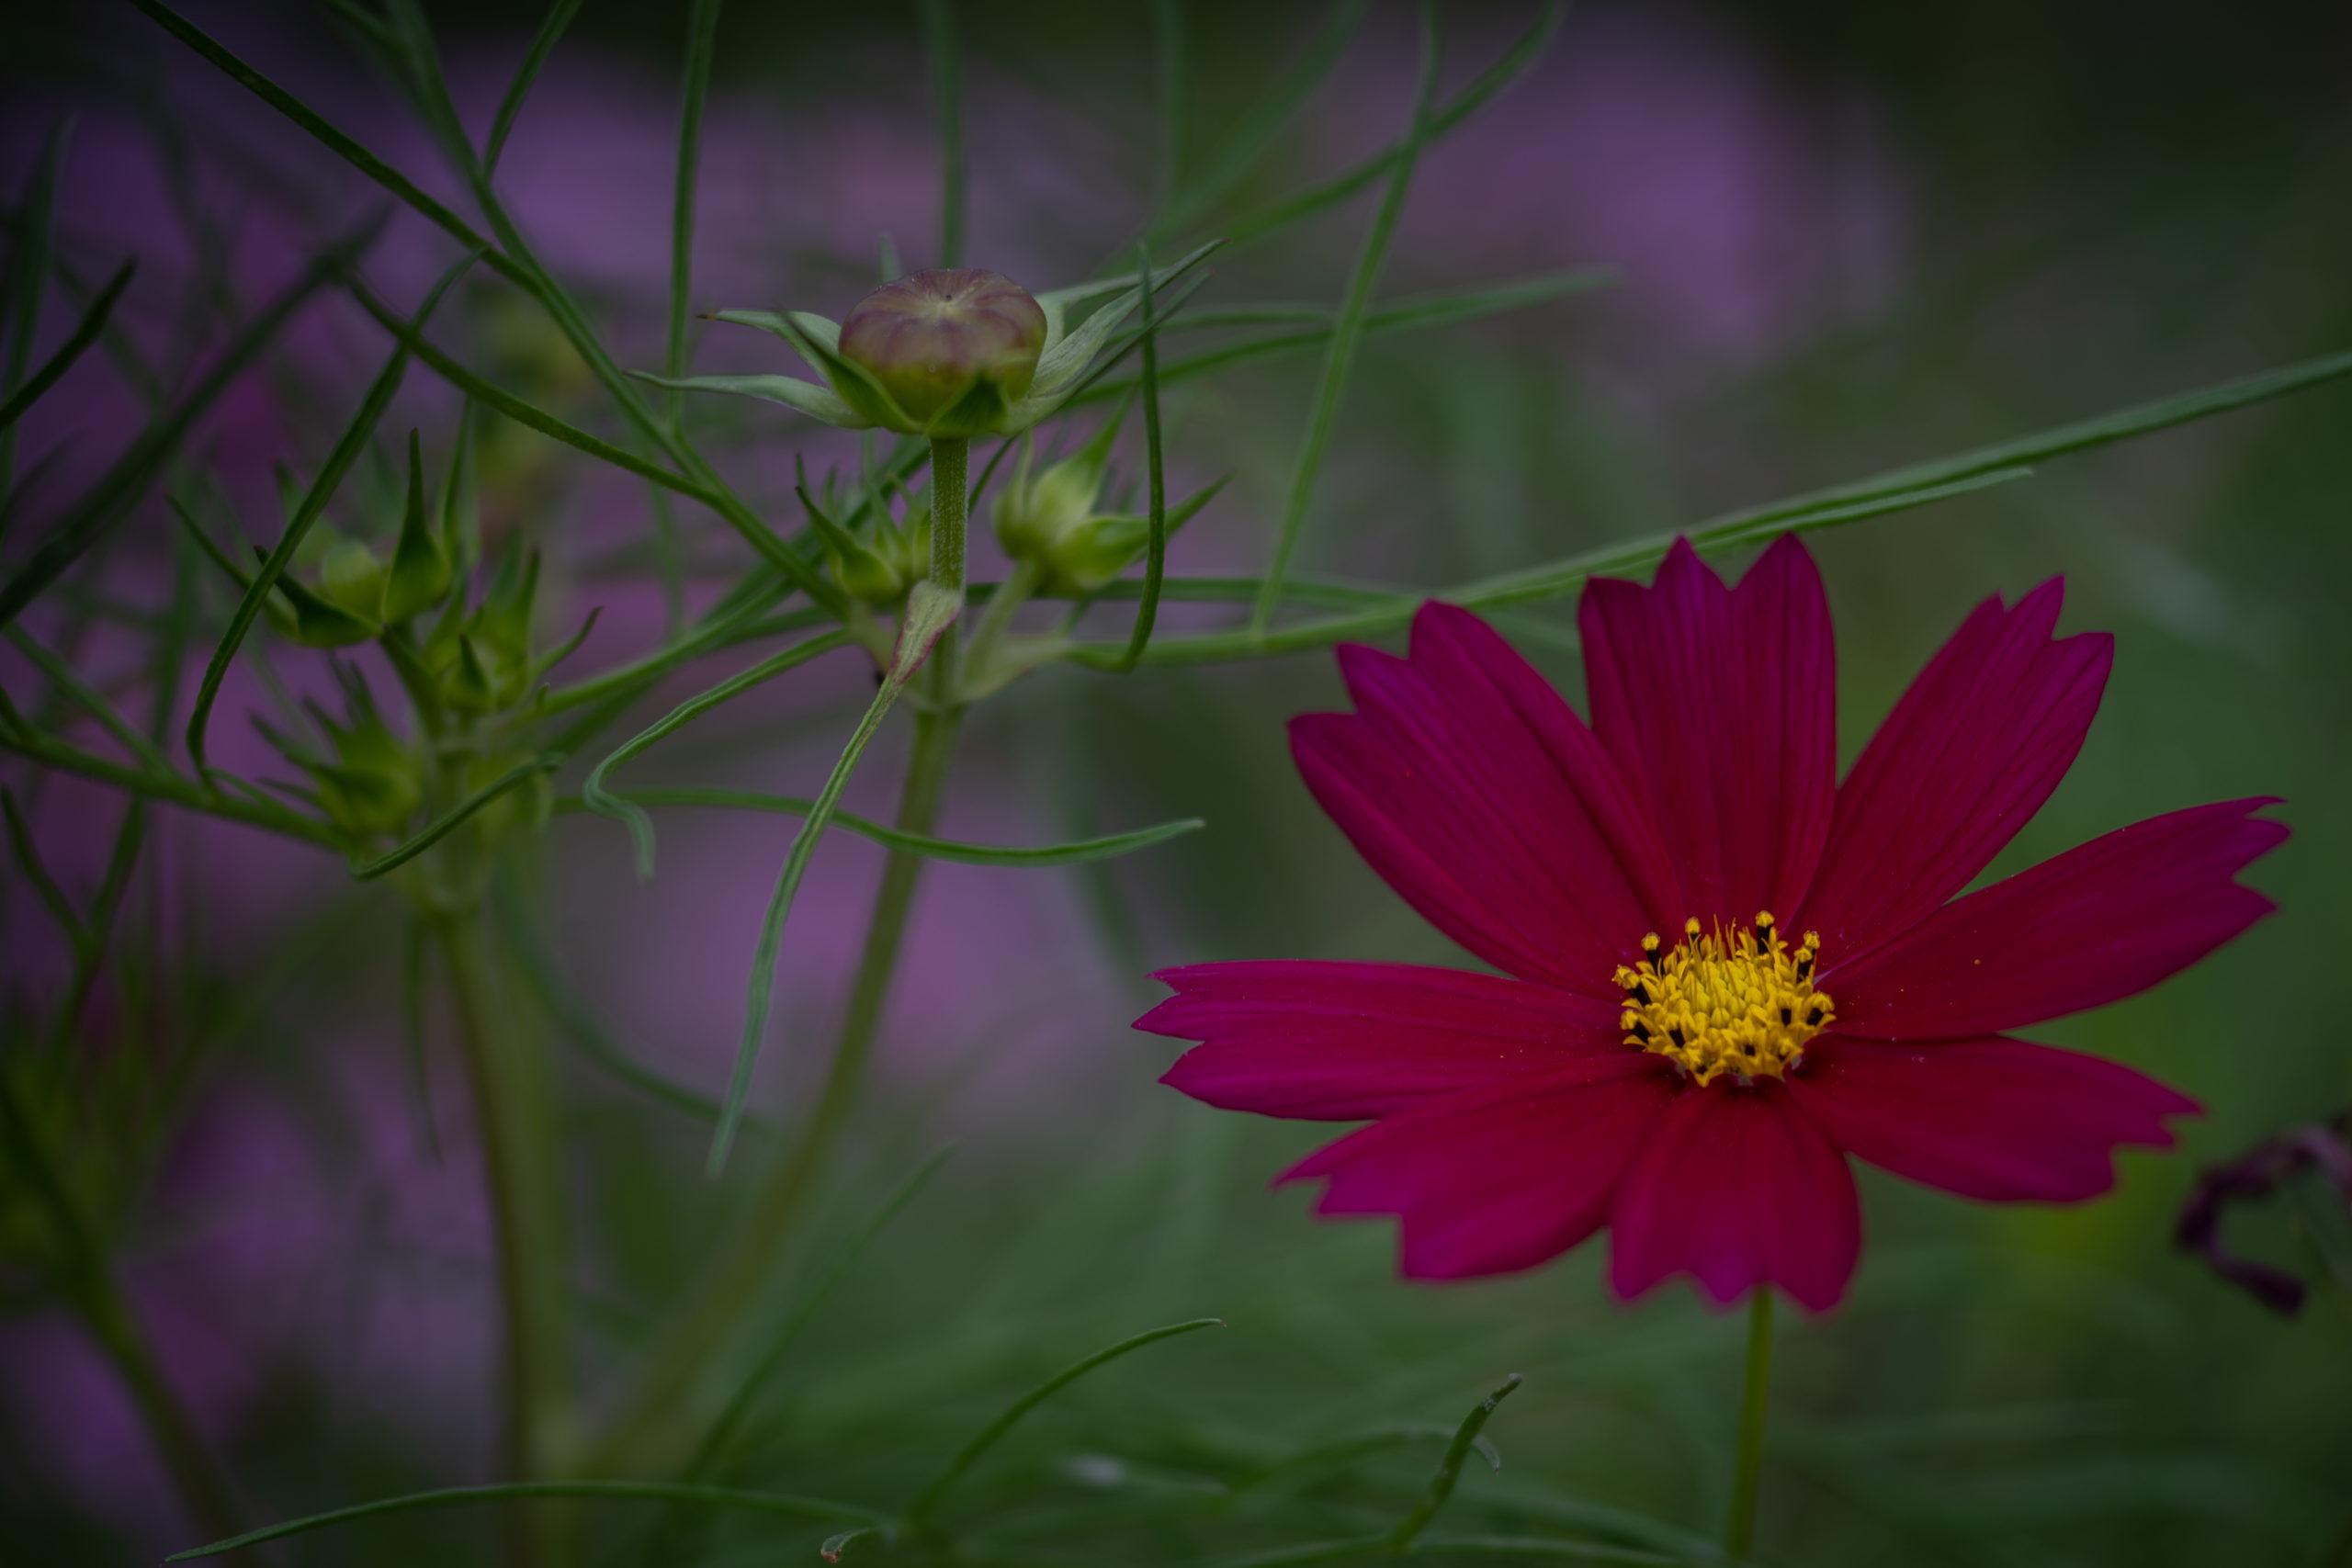 コスモス「秋桜」(cosmos)の硬い蕾と葉